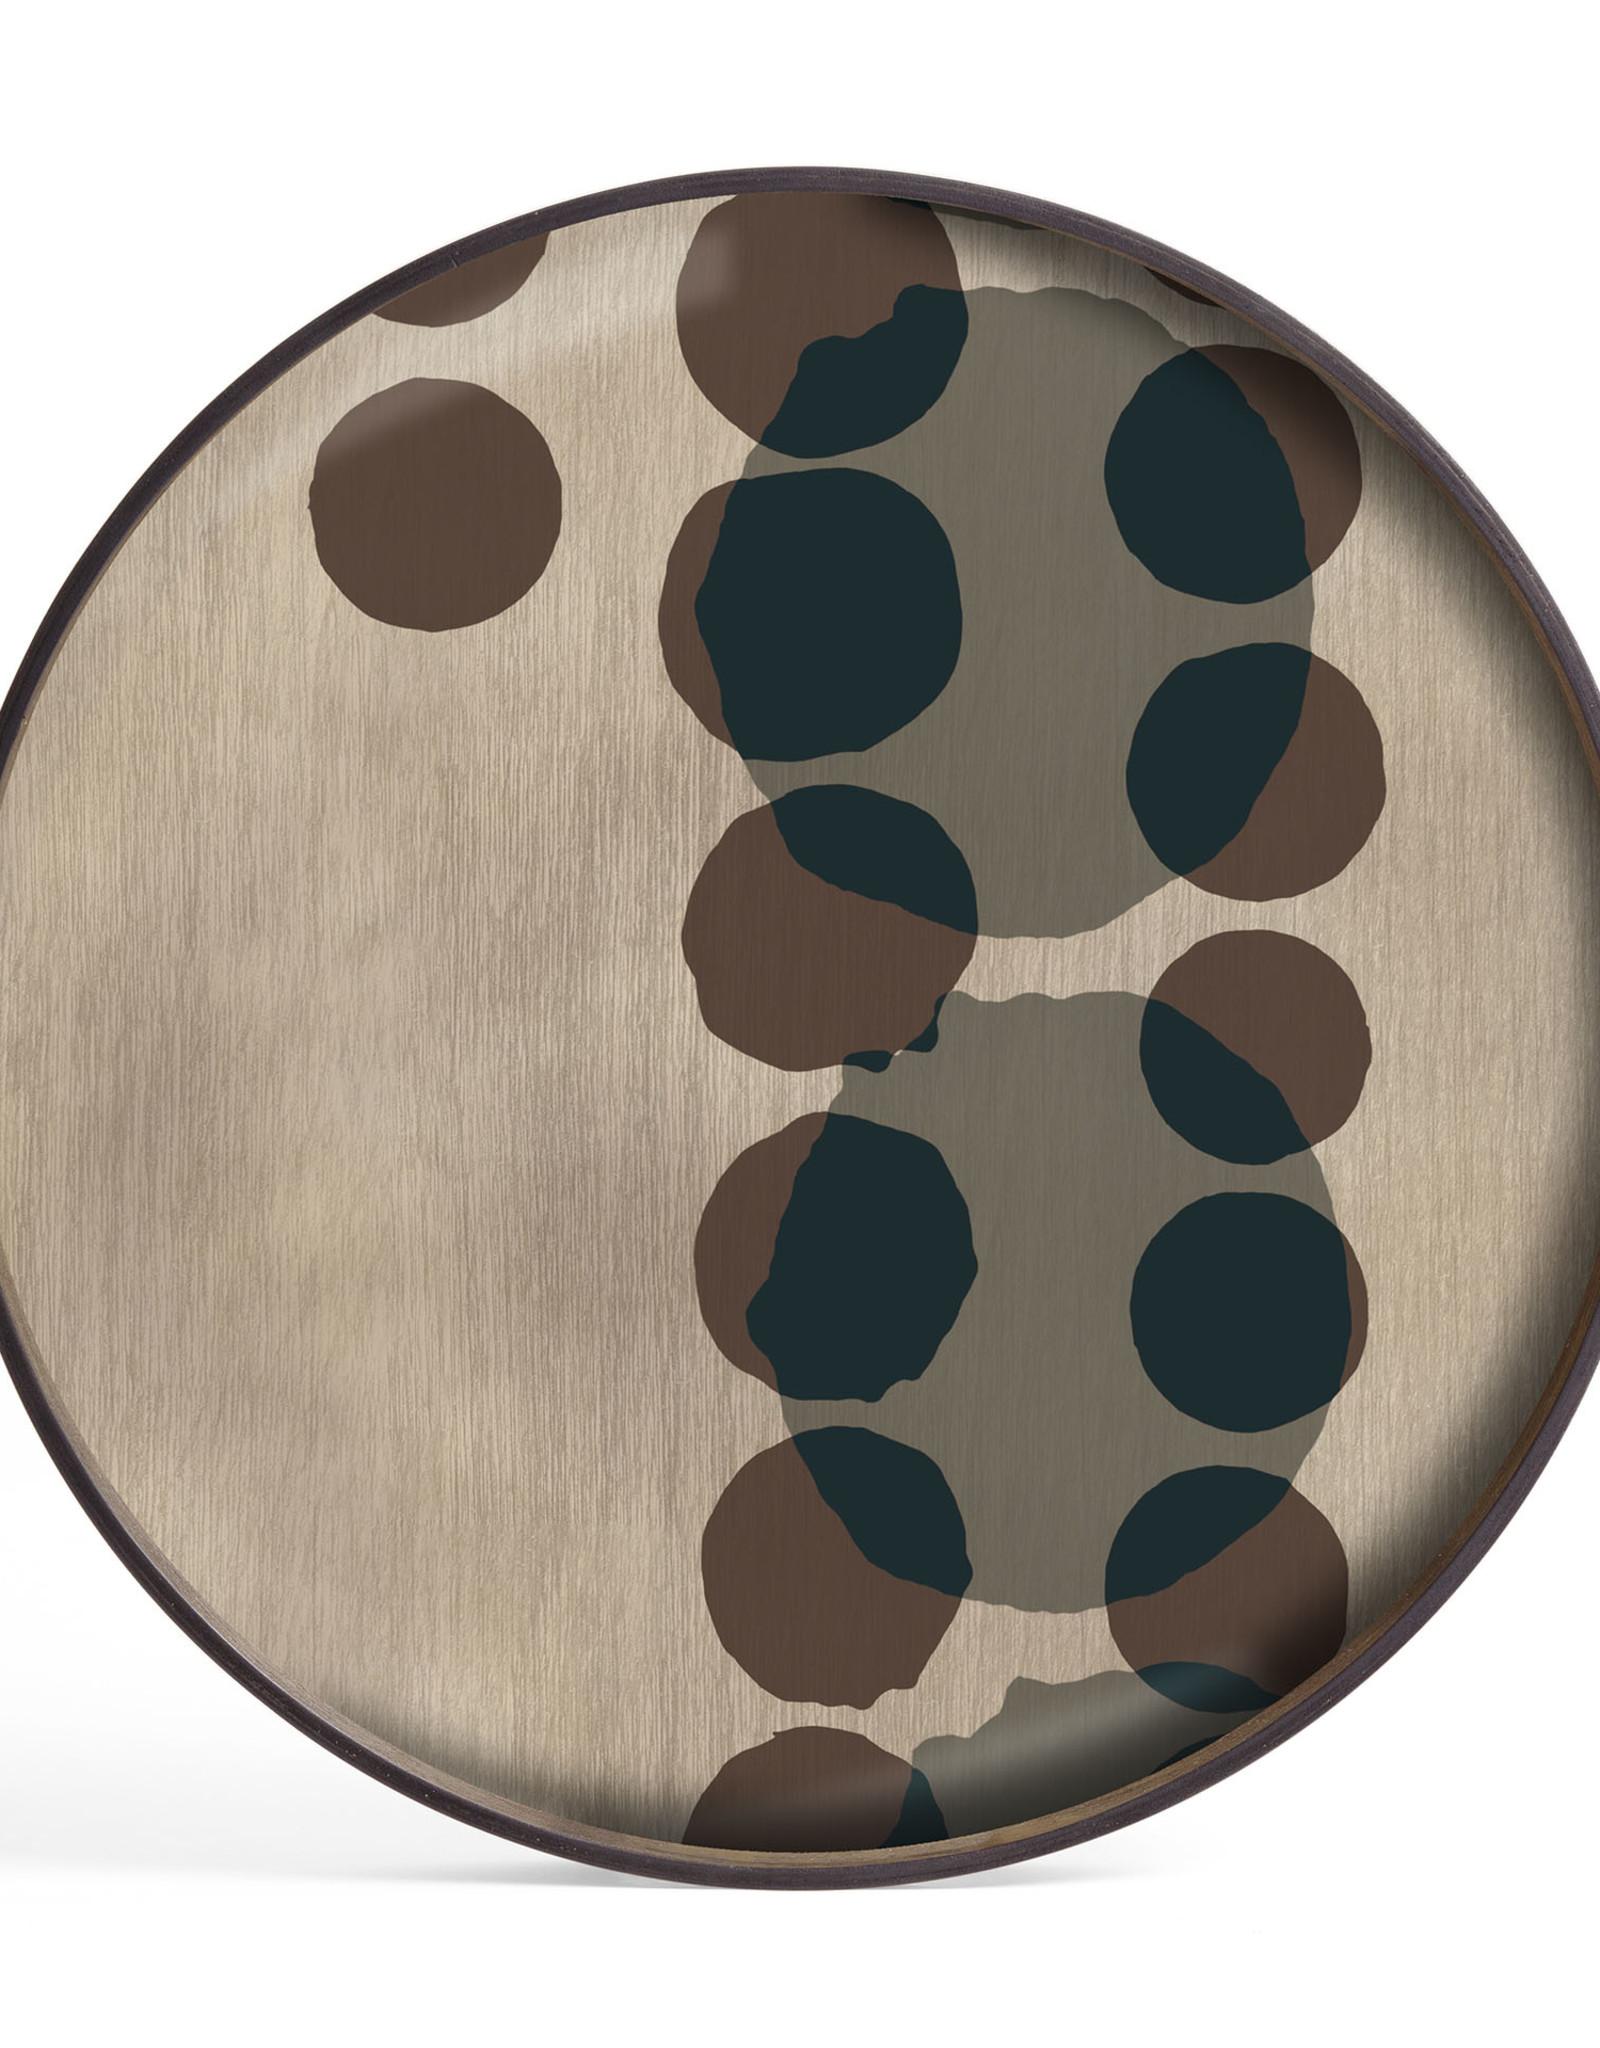 Slate Layered Dots glass tray - round - L 24 x 24 x 2